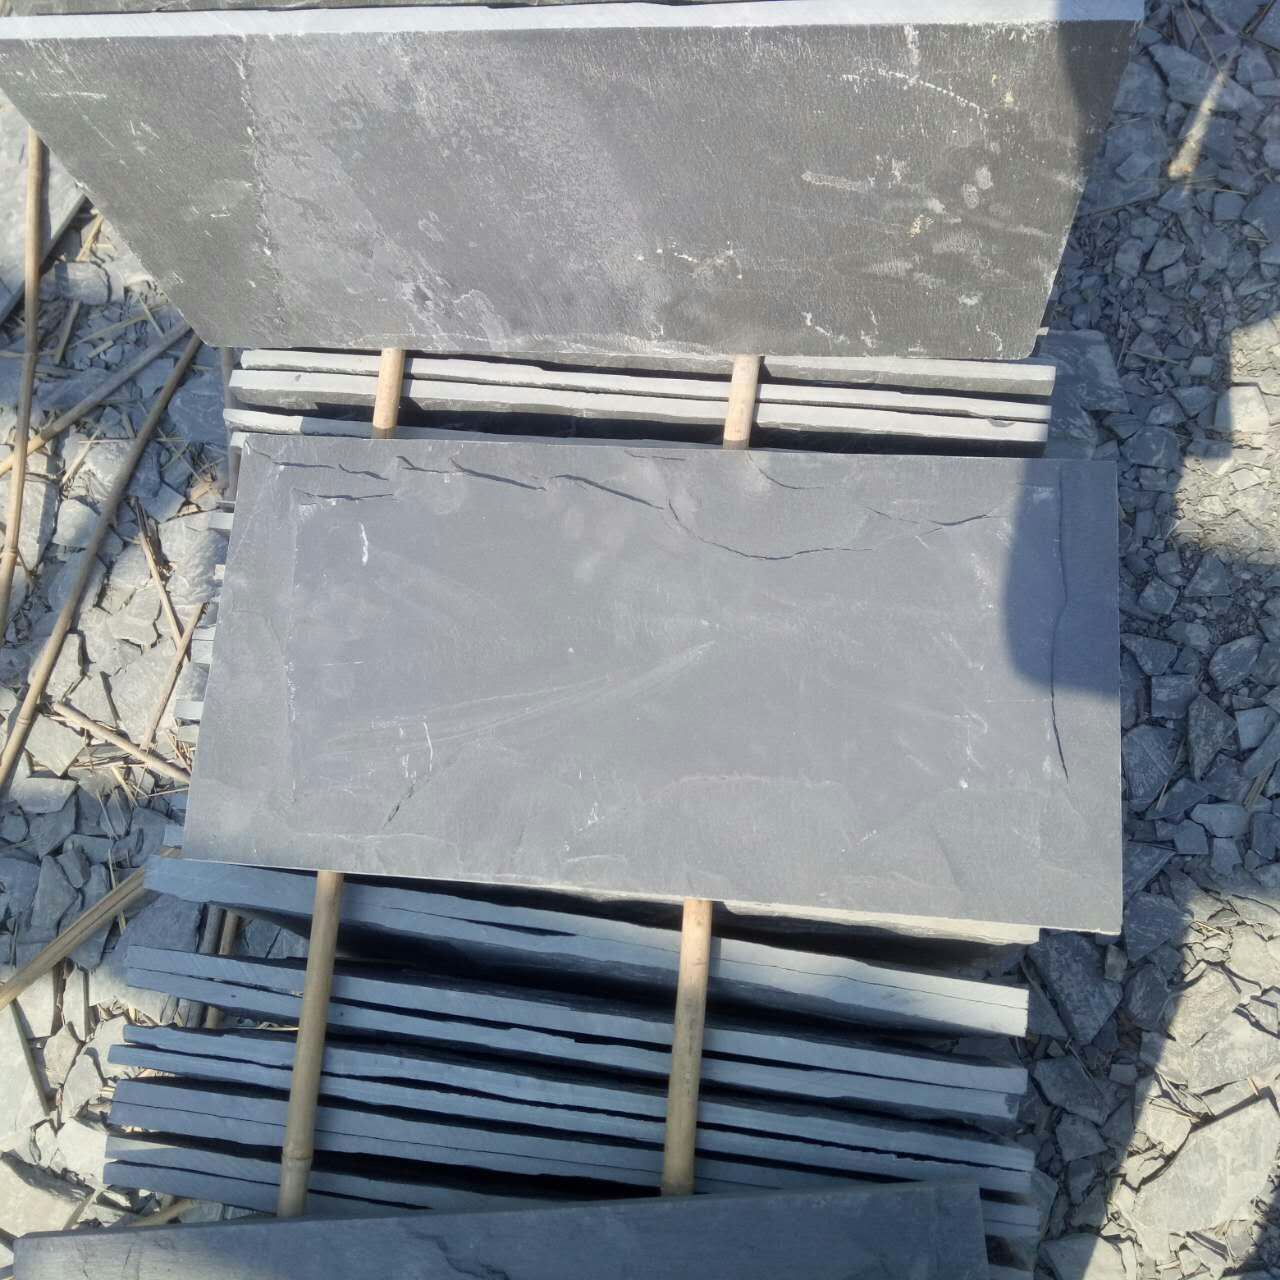 蘑菇石廠家現貨供應花崗岩文化磚規格尺寸定製